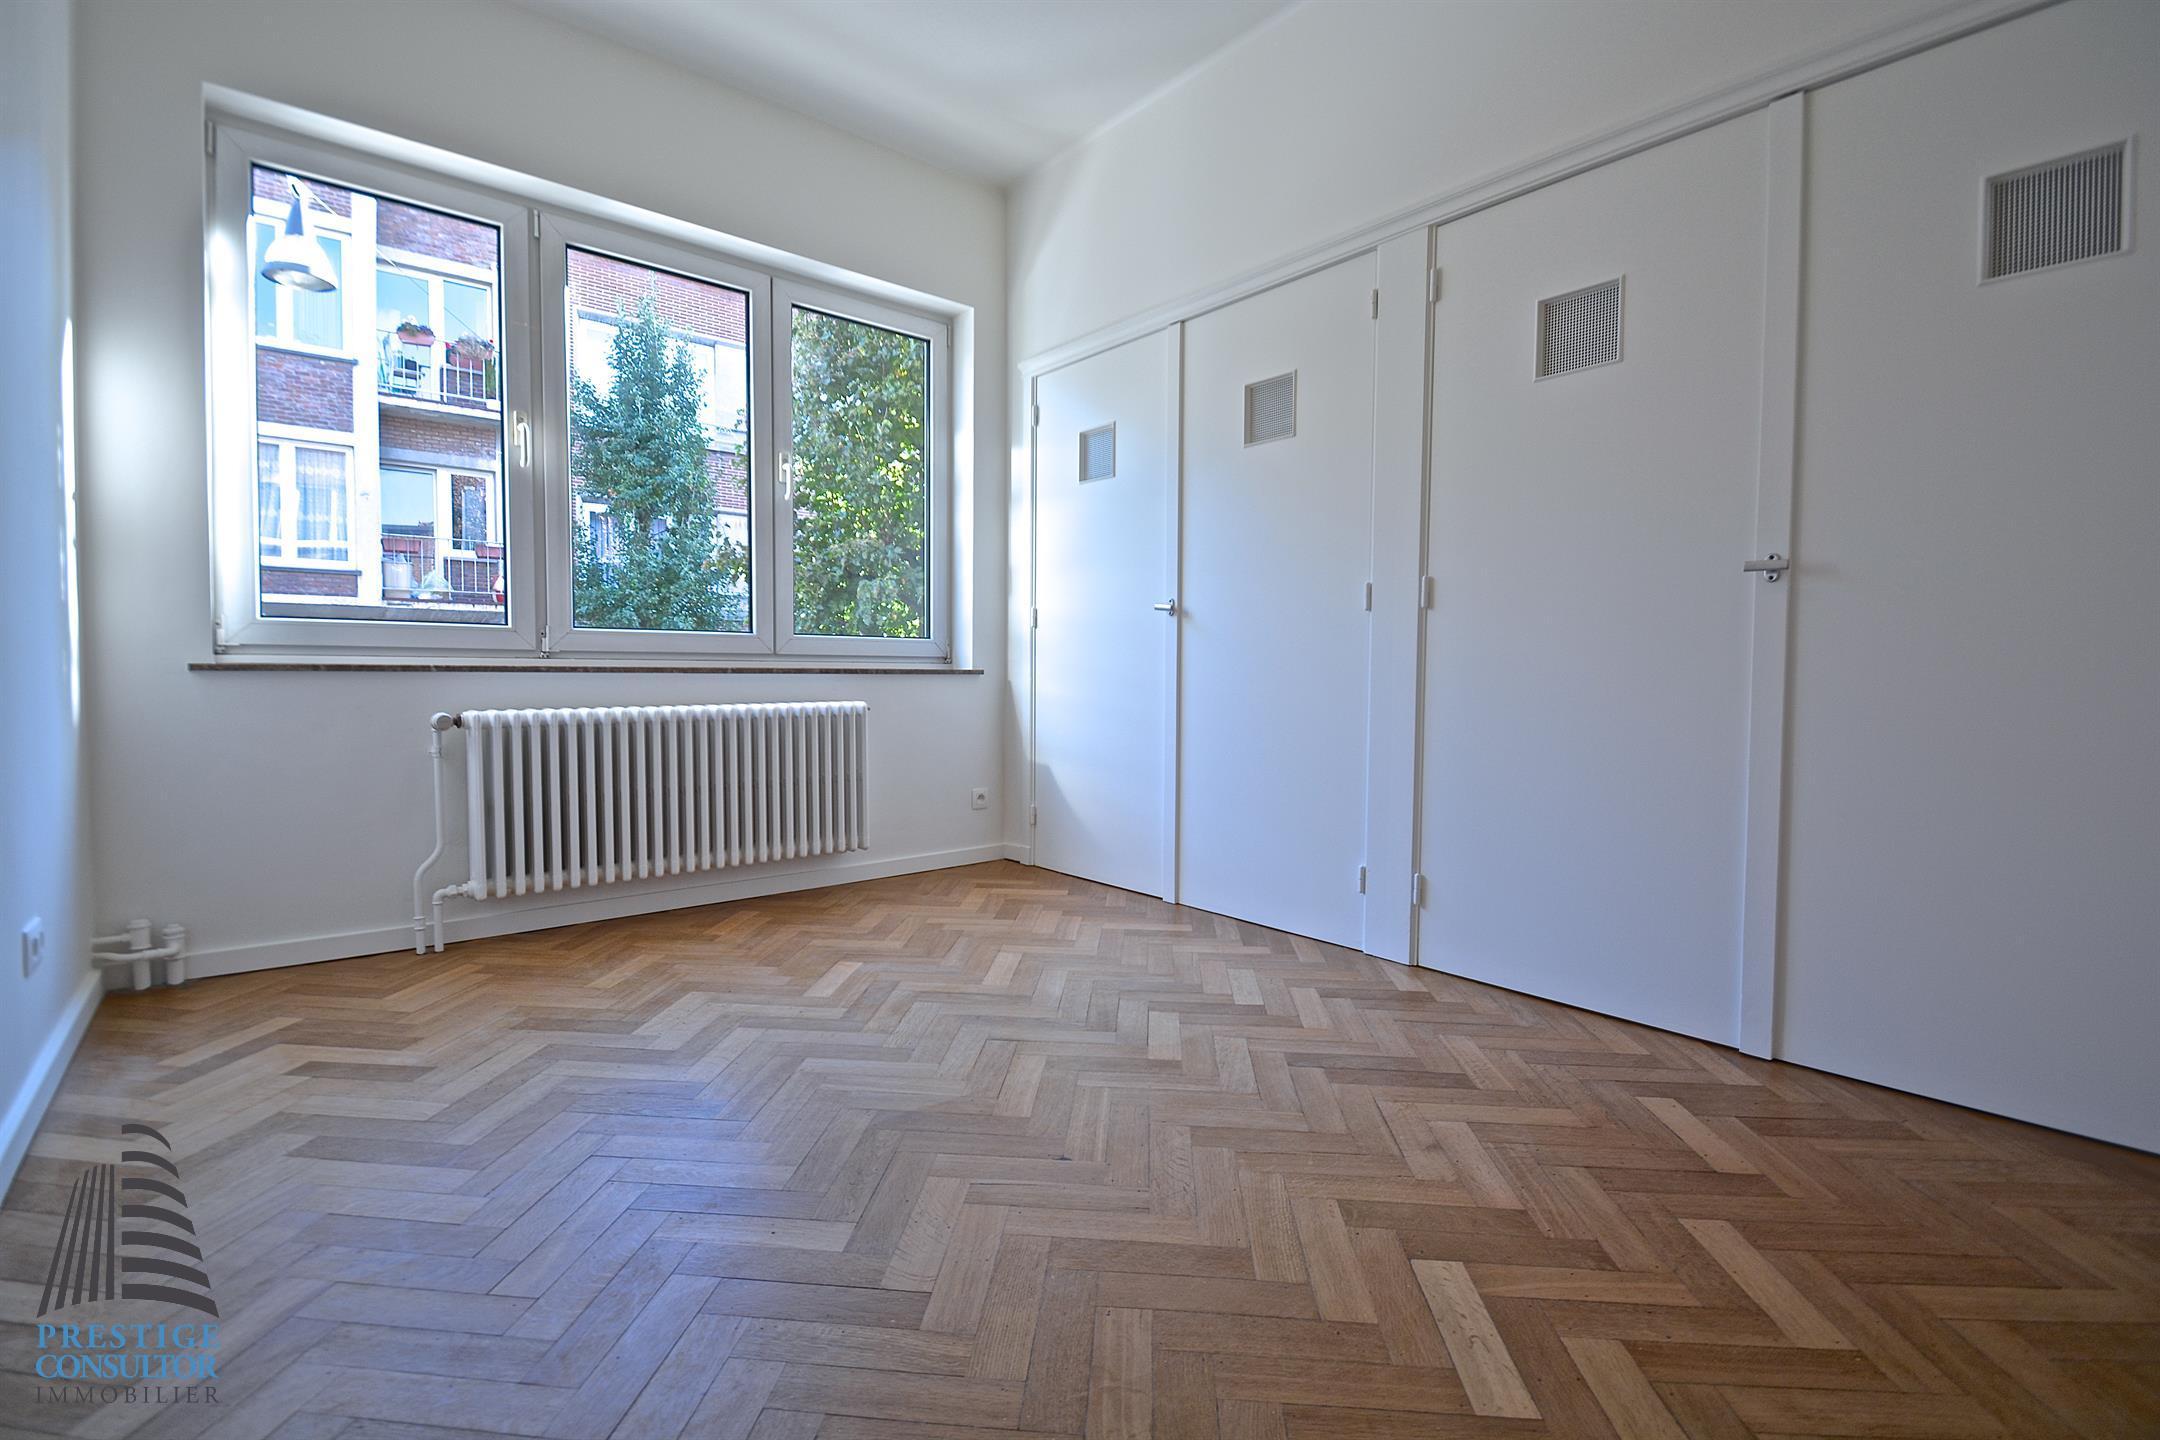 Appartement avec jardin - Anderlecht - #4516225-3